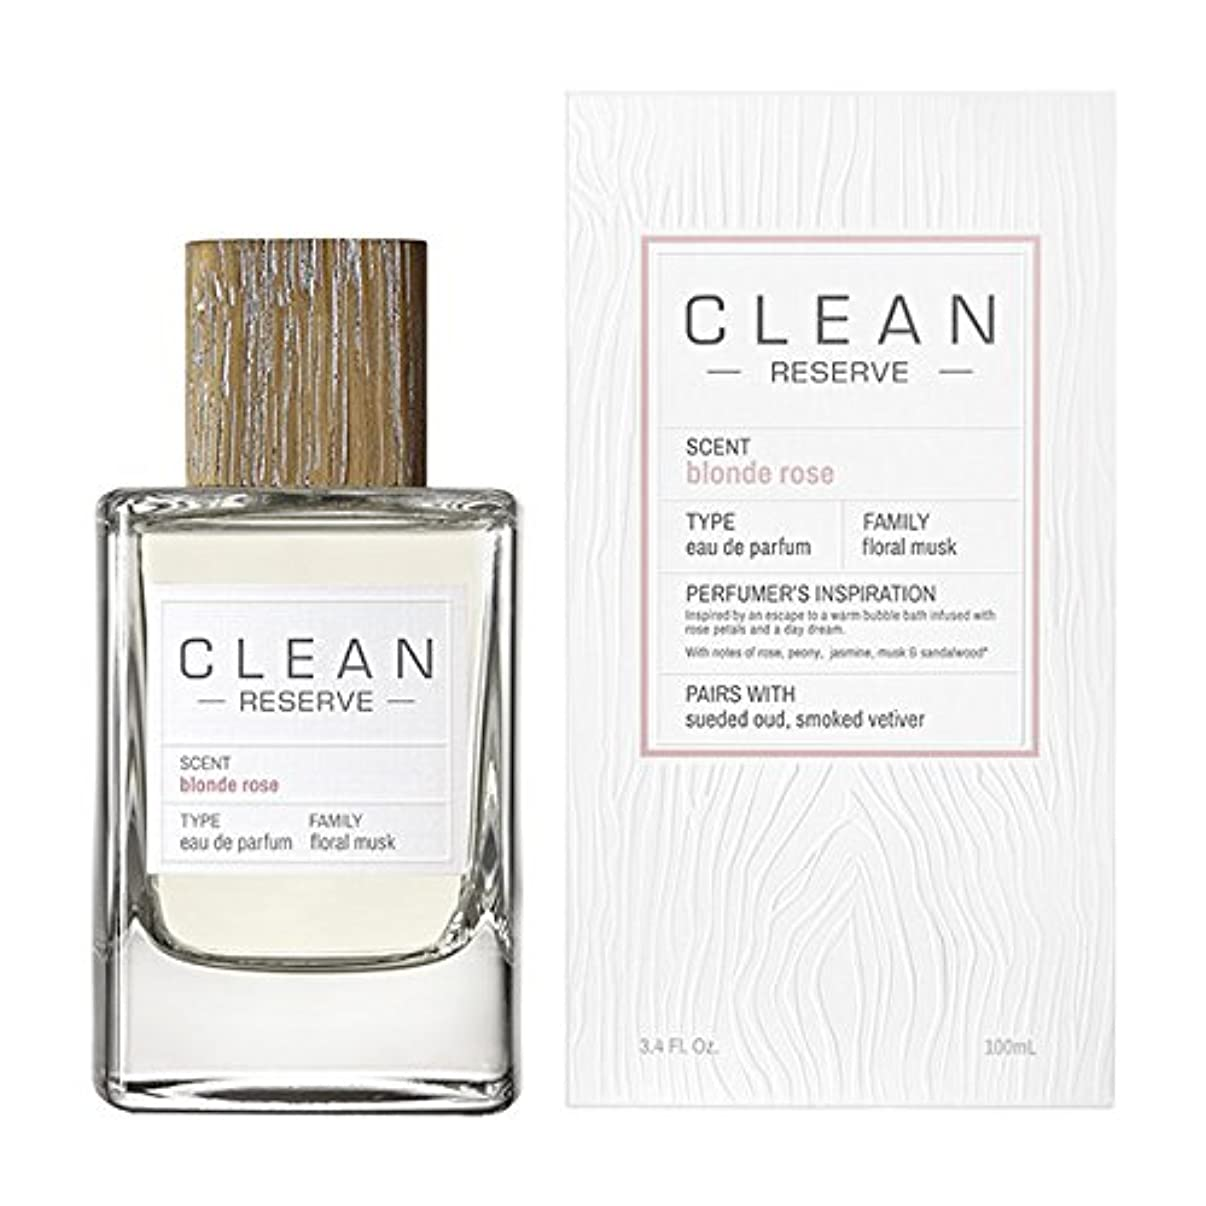 固めるブレーキキャラクター◆【CLEAN】Unisex香水◆クリーン リザーブ ブロンドローズ オードパルファムEDP 100ml◆